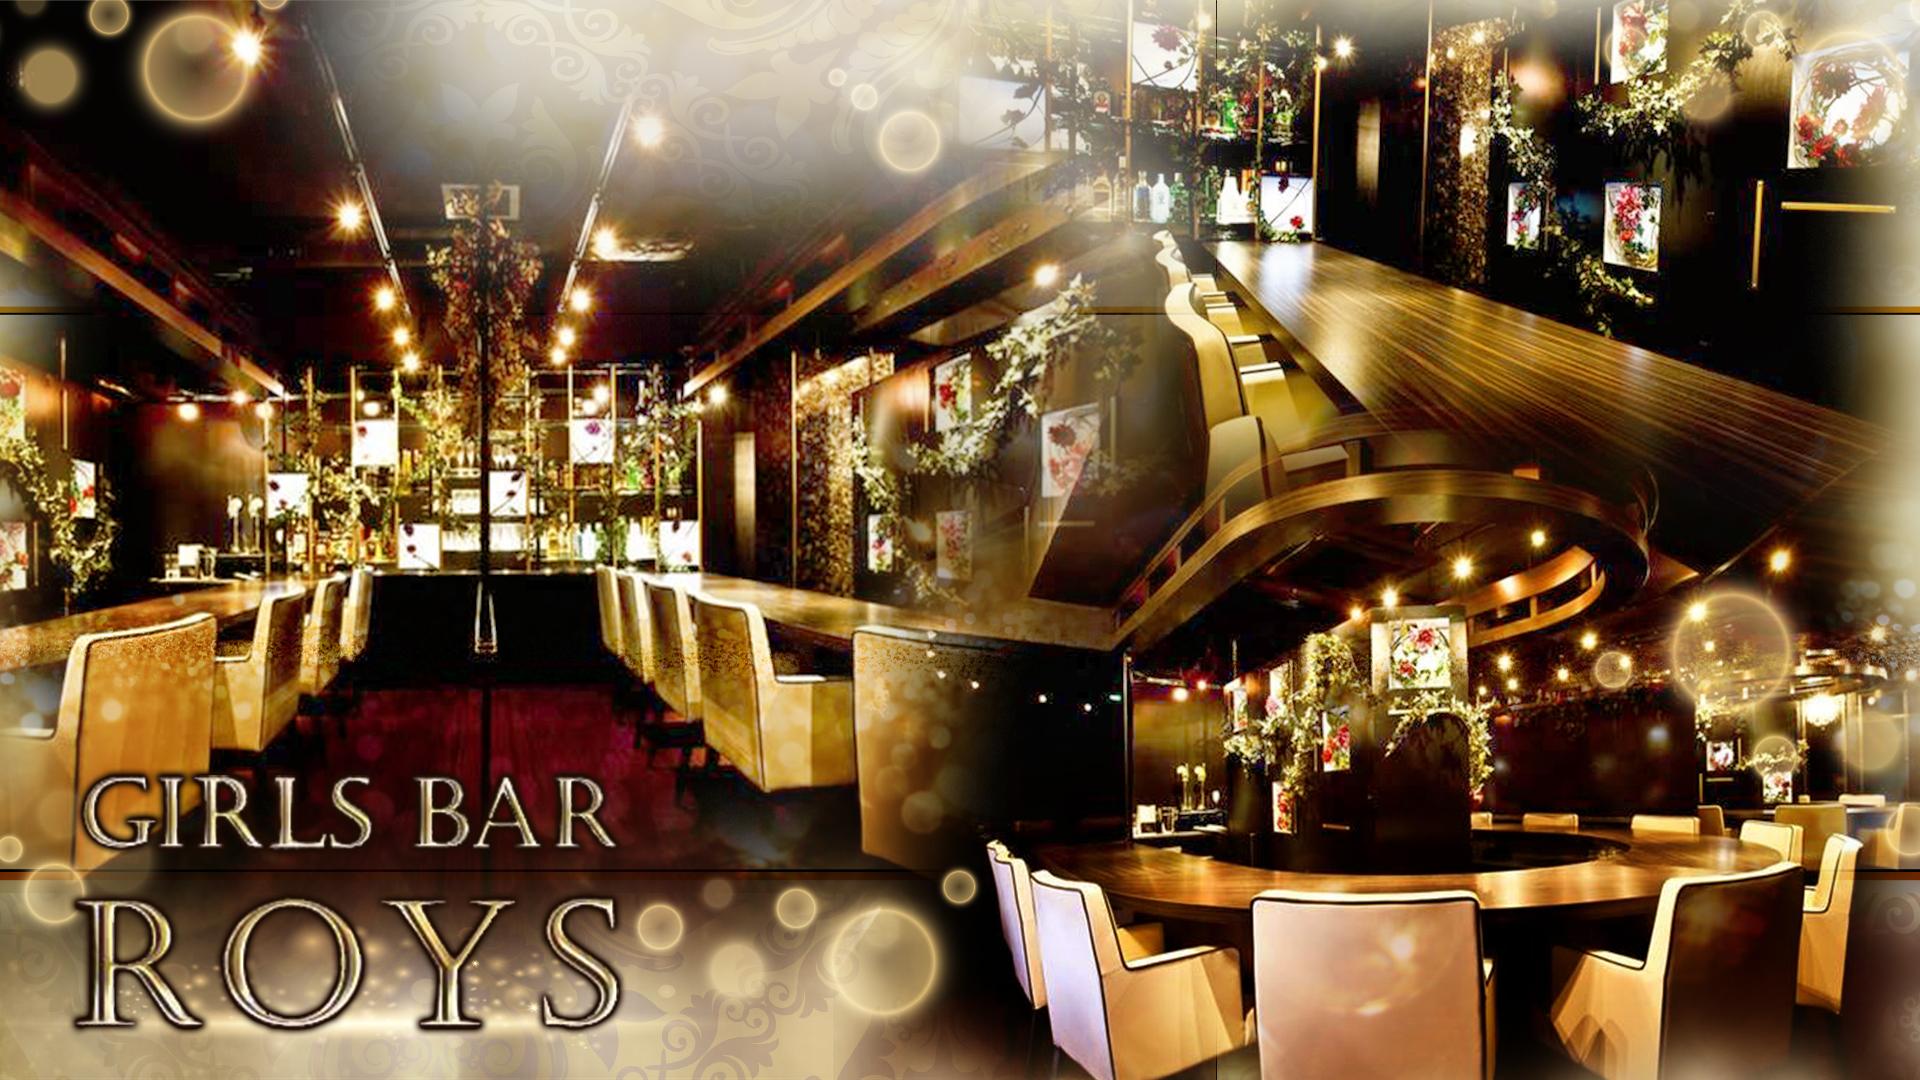 Girls Bar Roys<ガールズバー ロイズ> 五反田 ガールズバー TOP画像